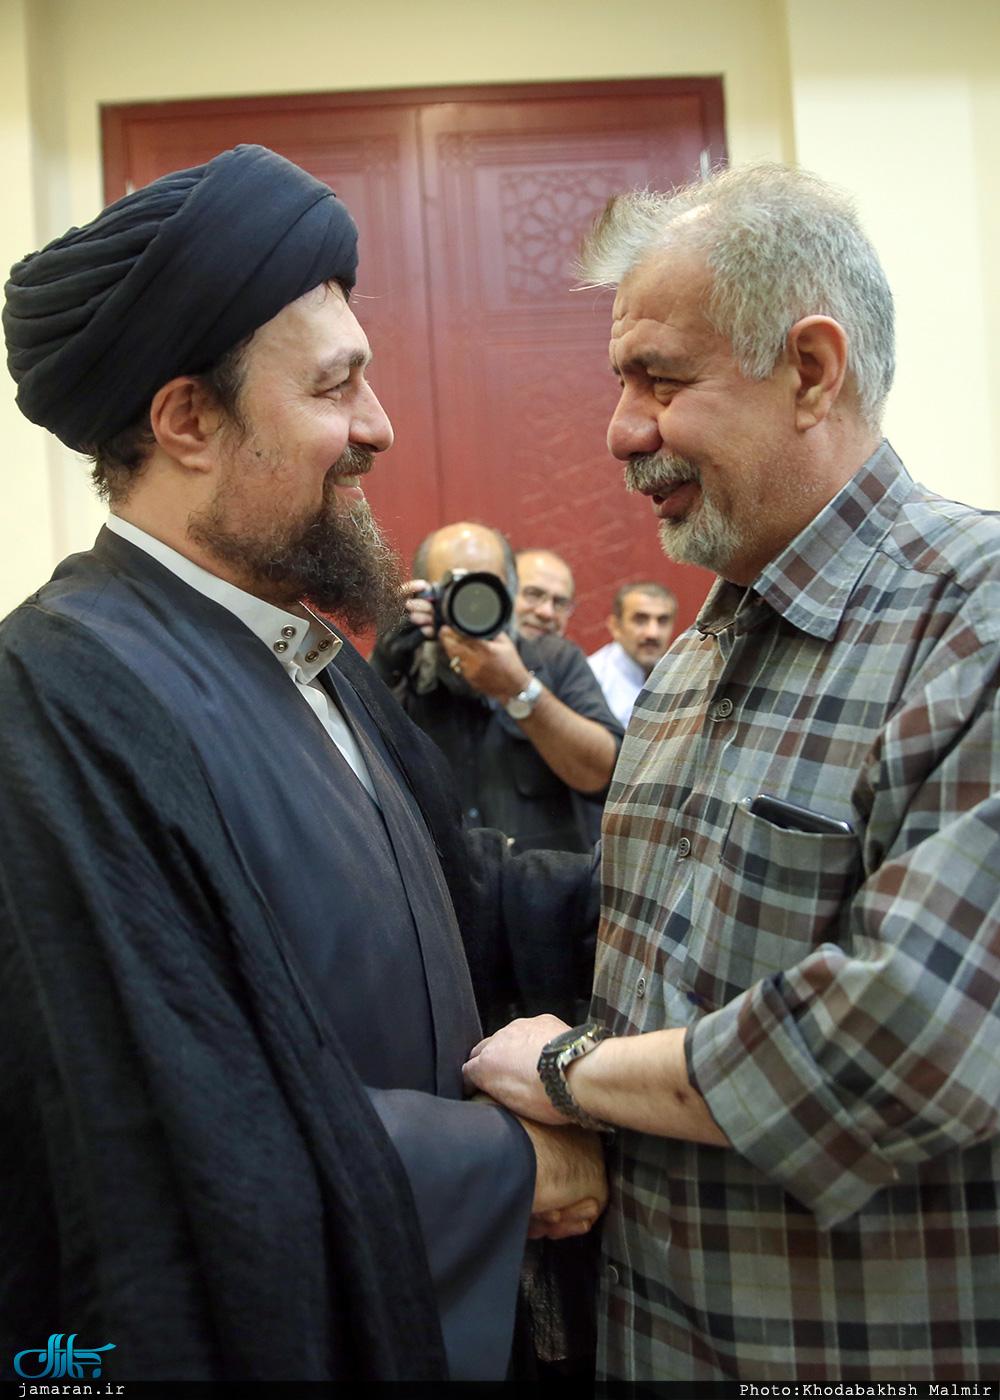 بهرام شفیع و سید حسن خمینی